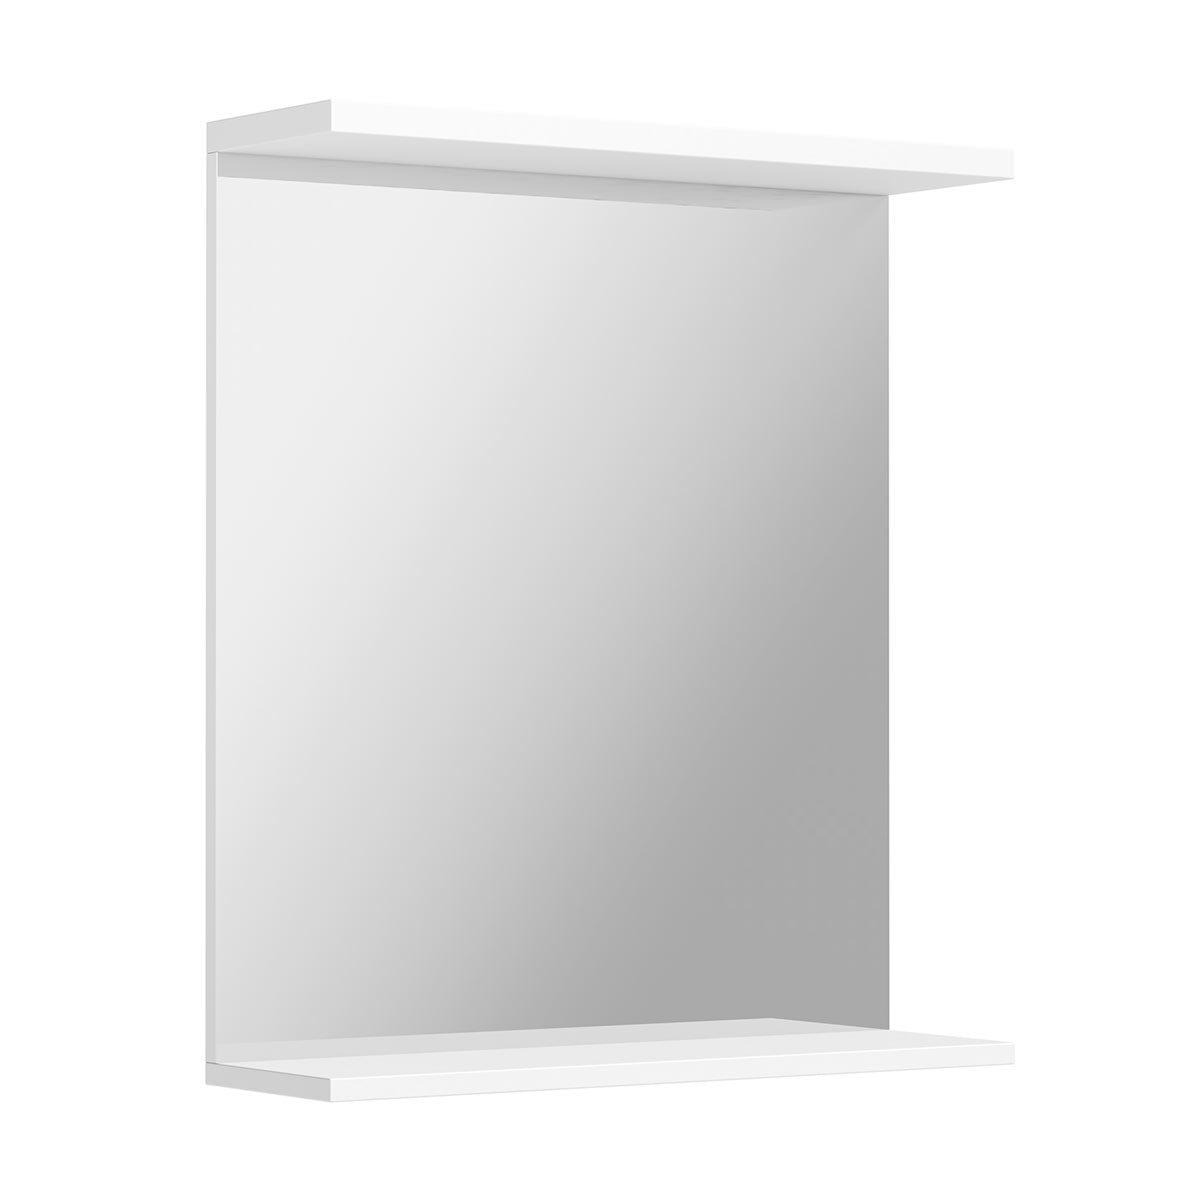 Florence White 650 Mirror